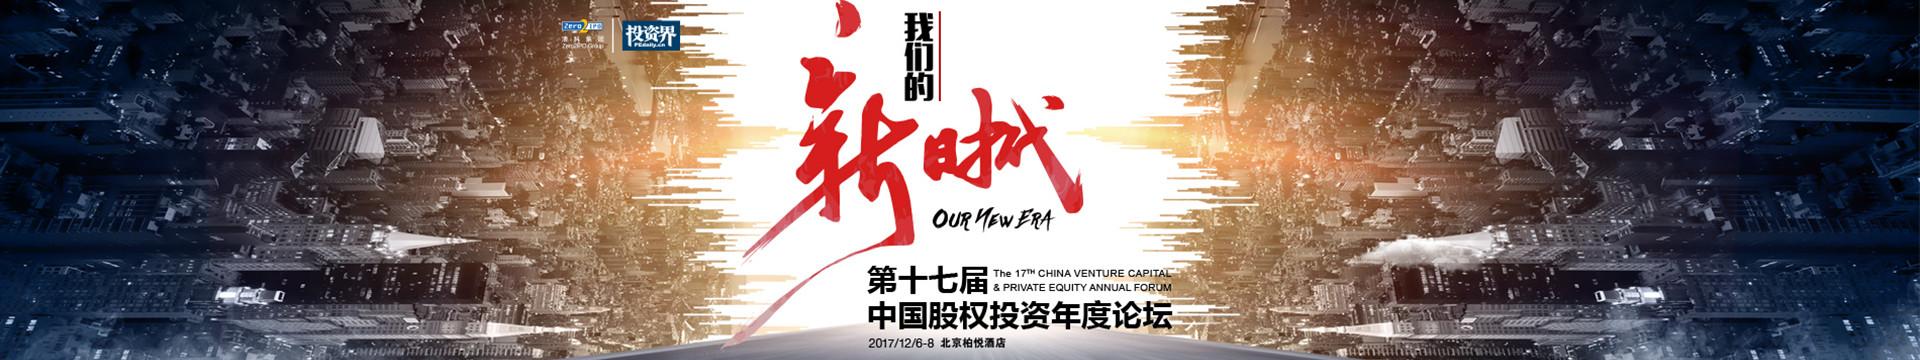 第十七届中国股权投资年度论坛